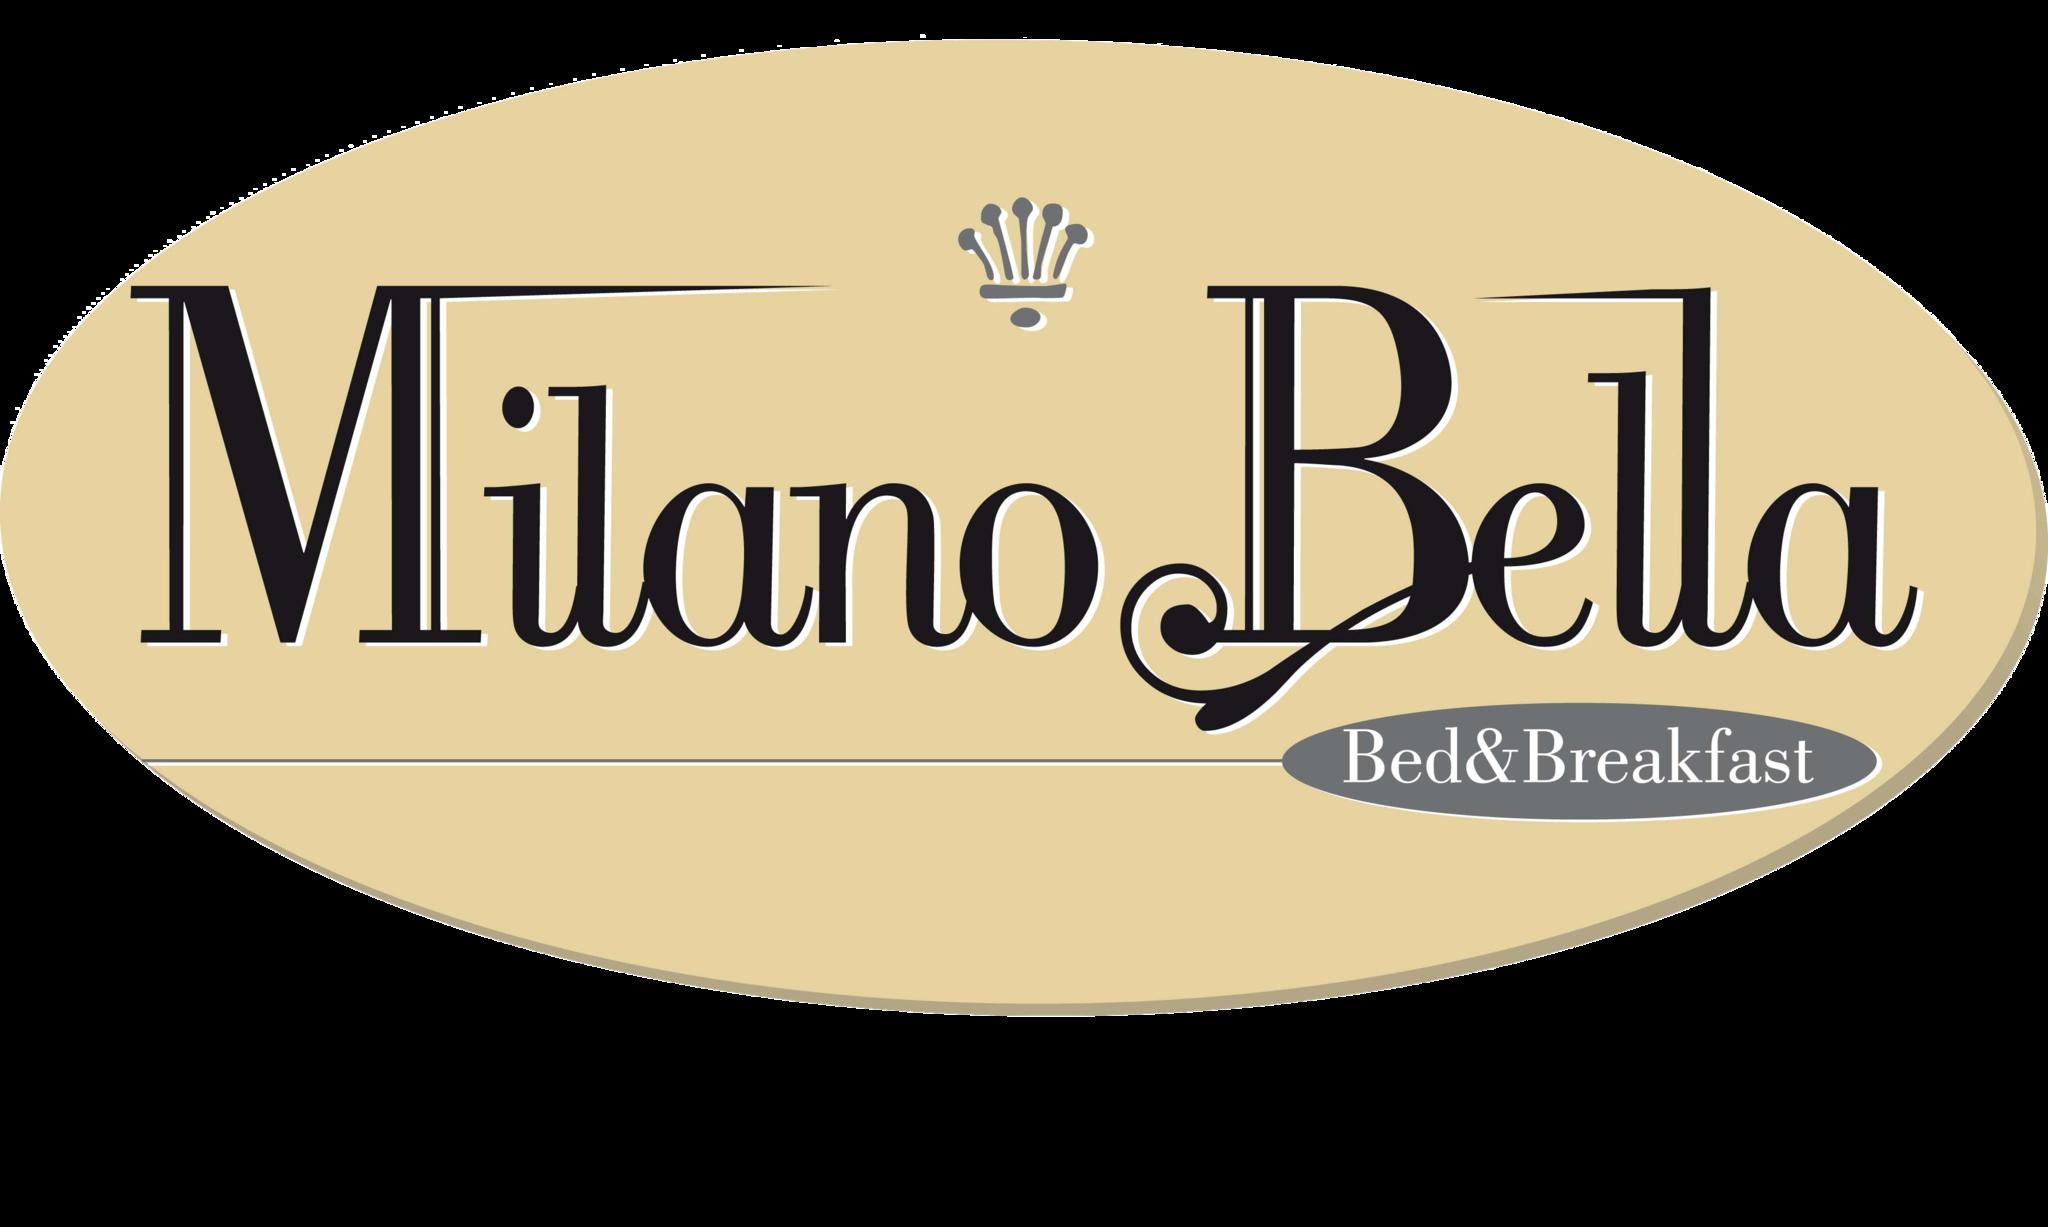 B&B Milano Bella